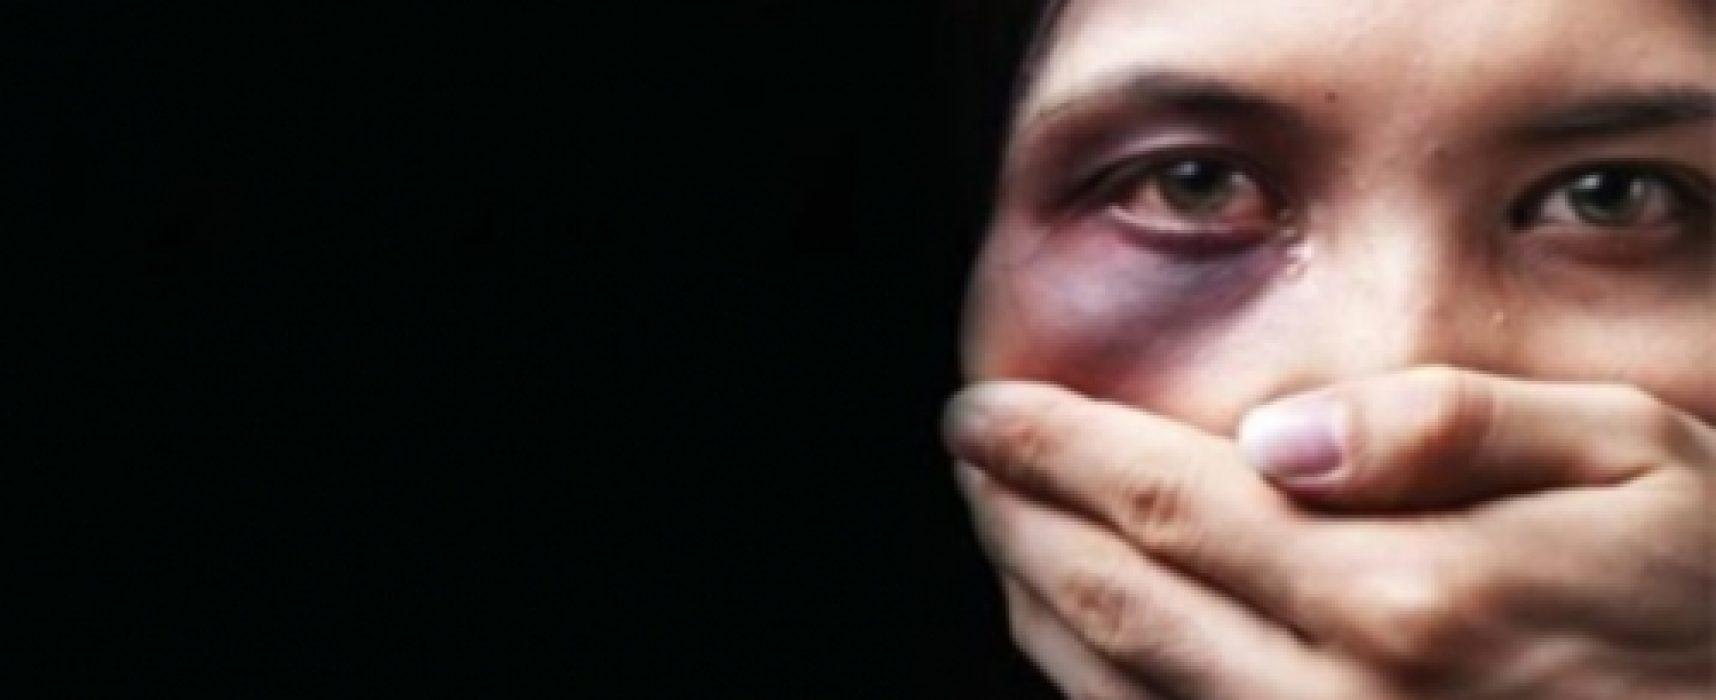 La Russia depenalizza le violenze domestiche